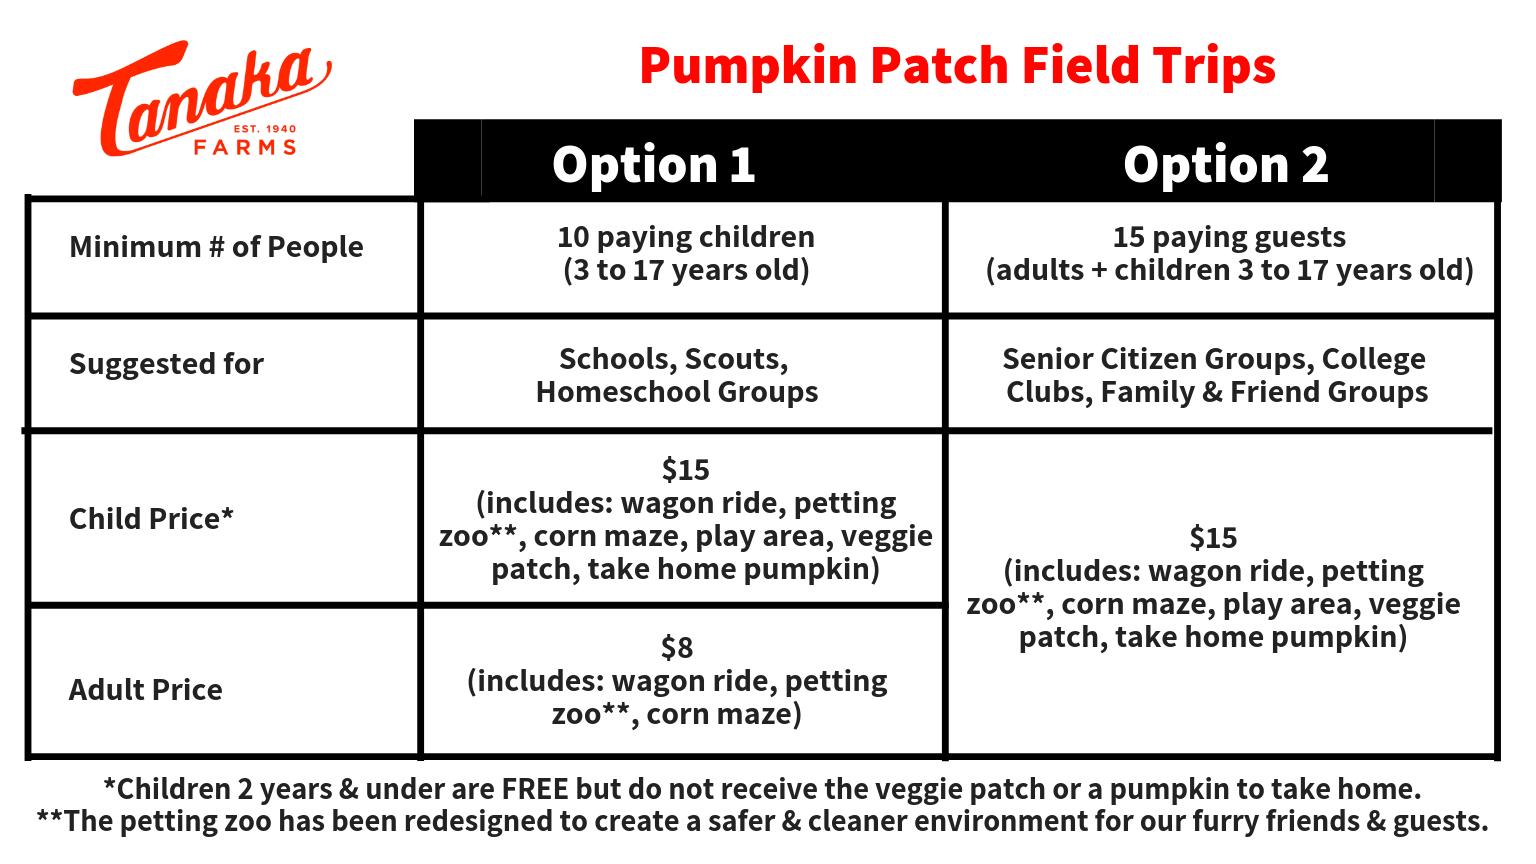 Pumpkin Patch Field Trip Pricing